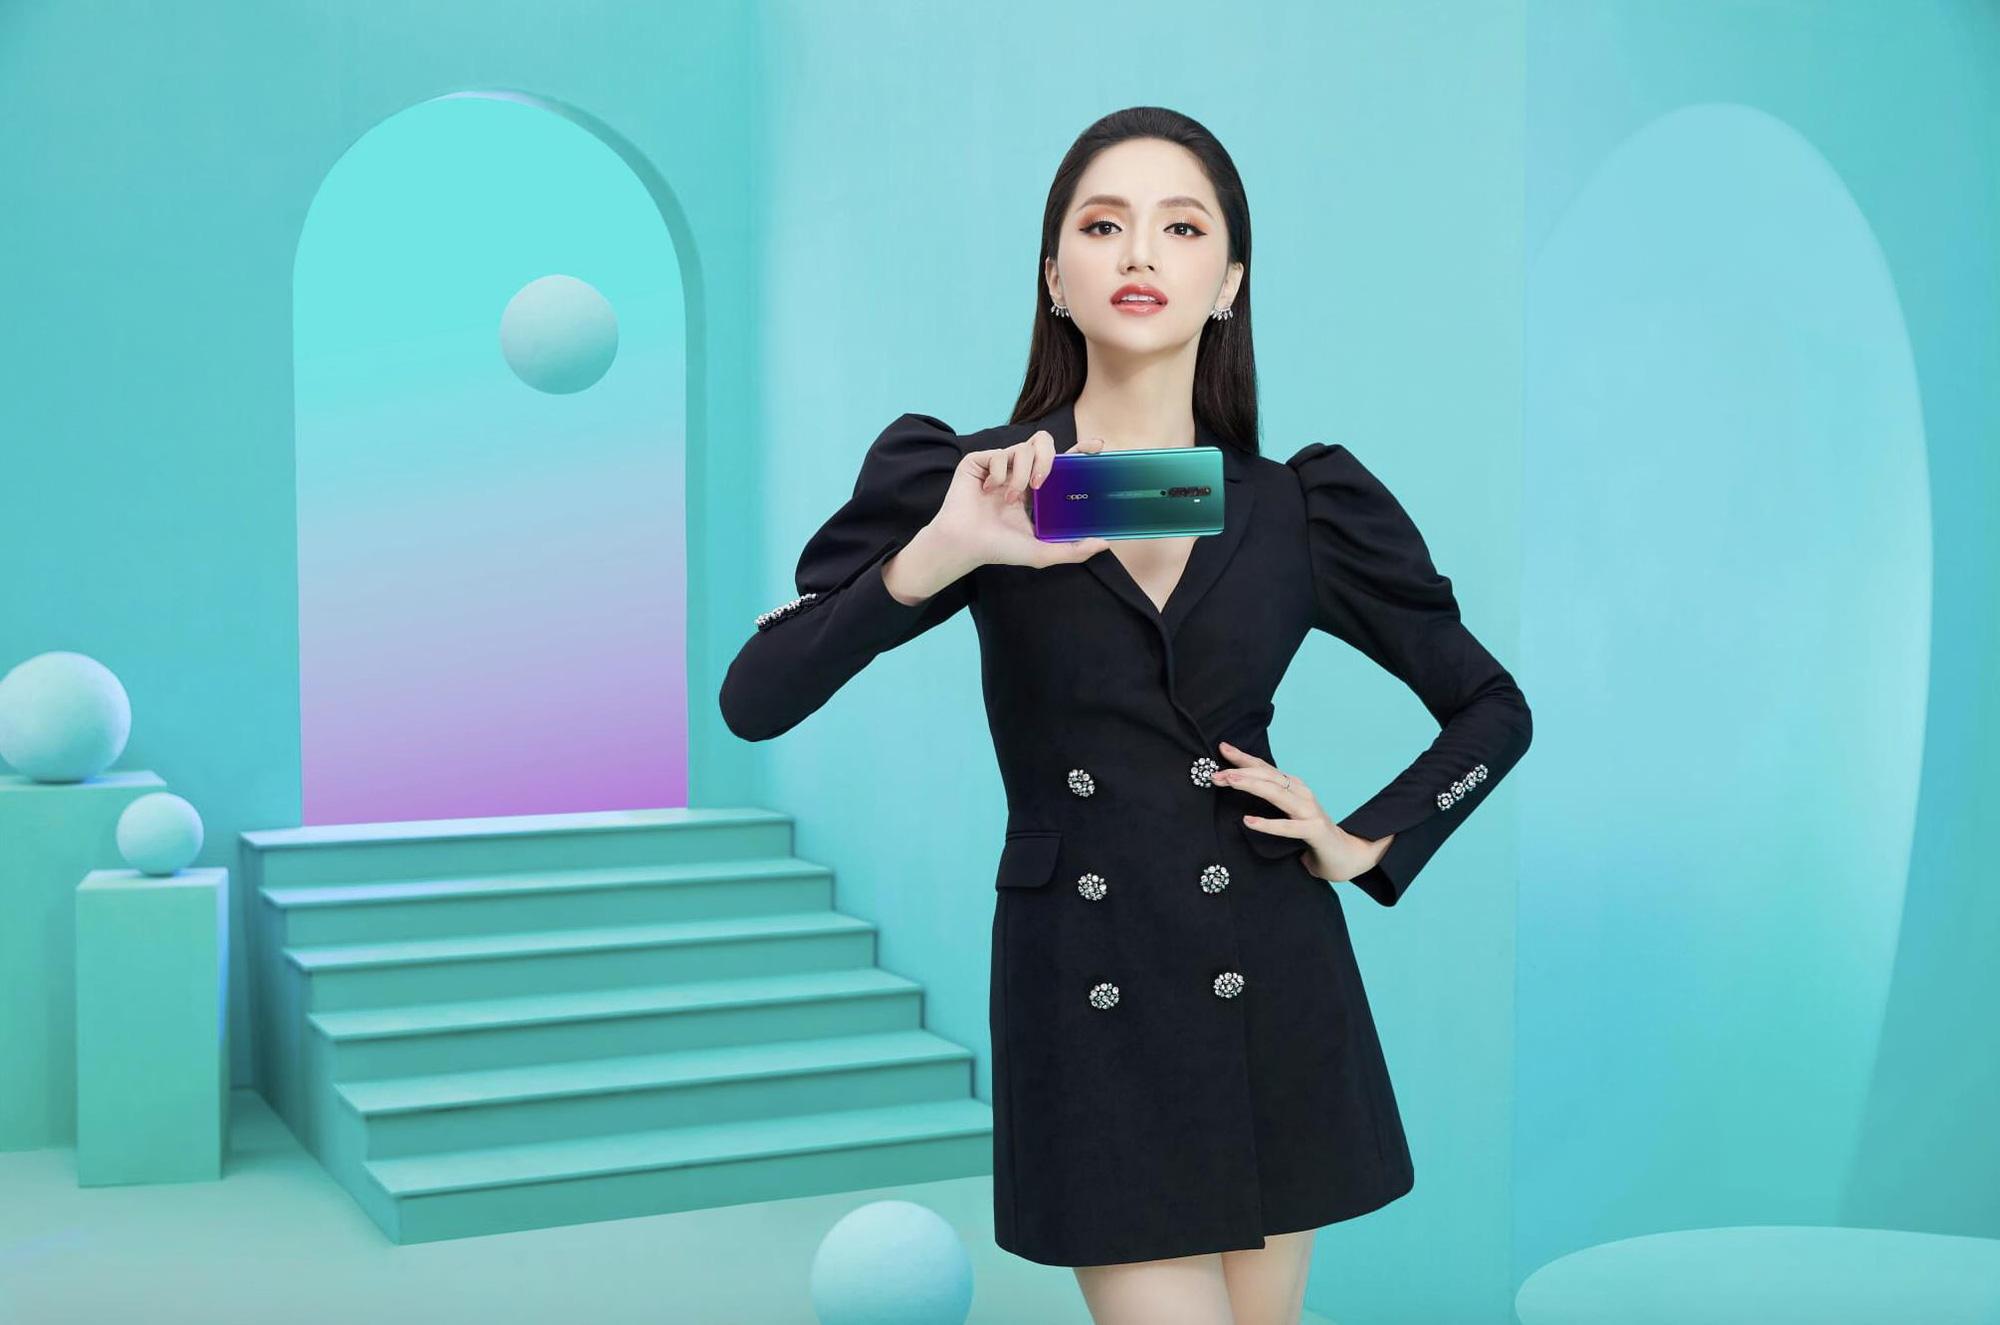 Săm soi chiếc điện thoại song hành cùng Hương Giang và Hoàng Thùy trong video mới nhất - Ảnh 4.